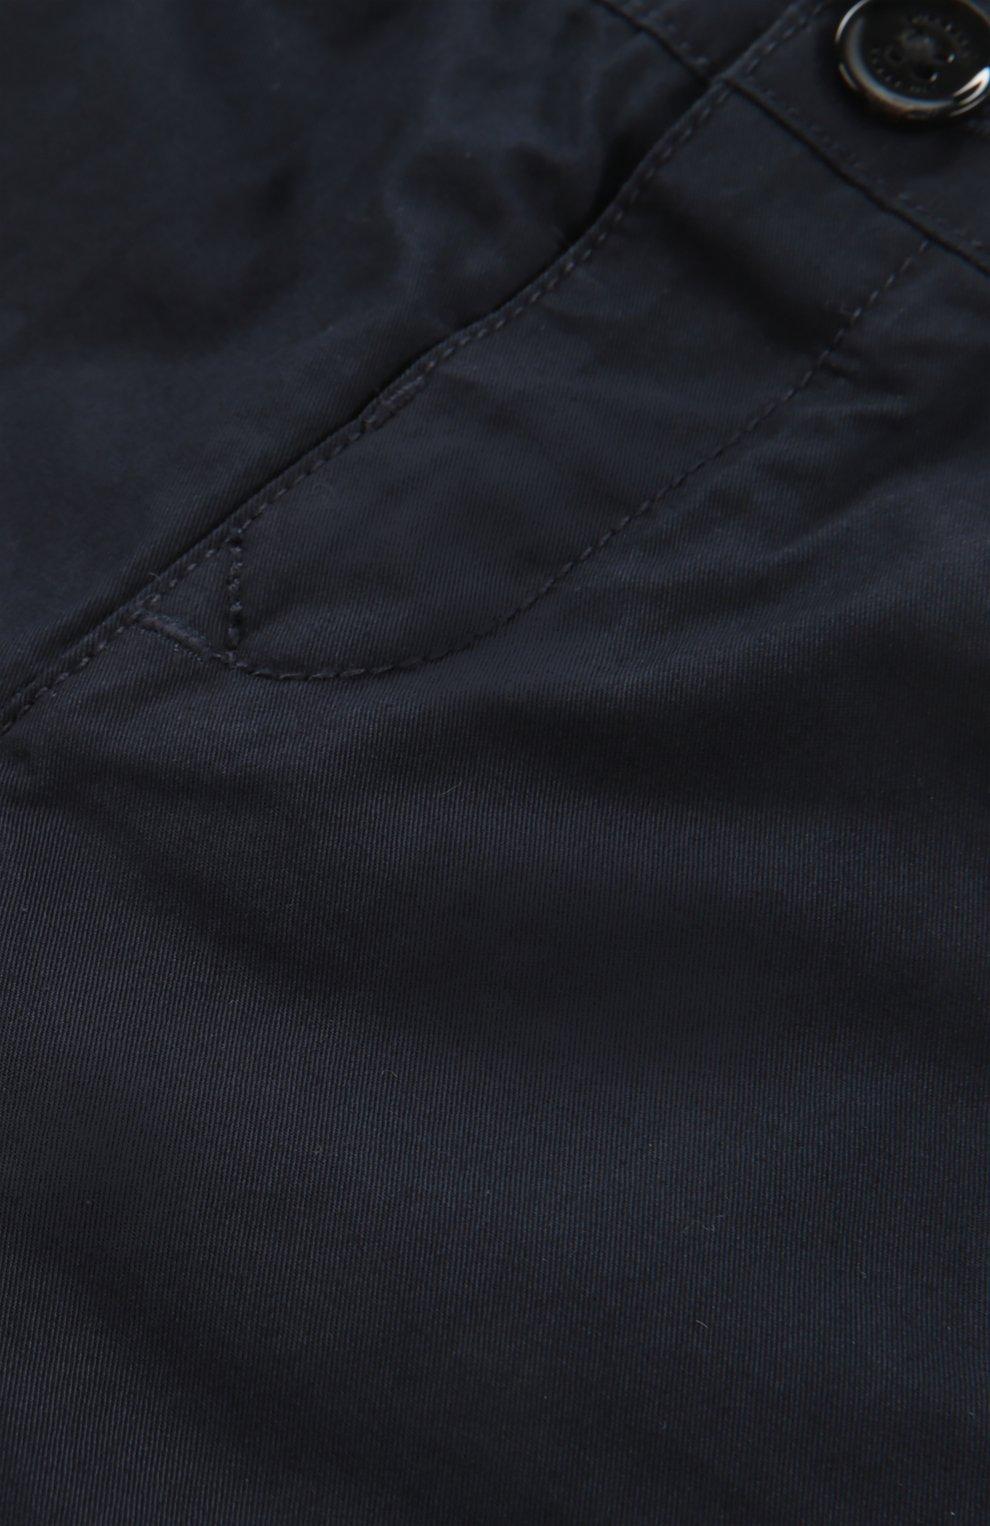 Детские брюки с эластичным поясом BURBERRY синего цвета, арт. 3907027 | Фото 3 (Материал внешний: Хлопок; Статус проверки: Проверено, Проверена категория; Ростовка одежда: 36 мес | 98 см)